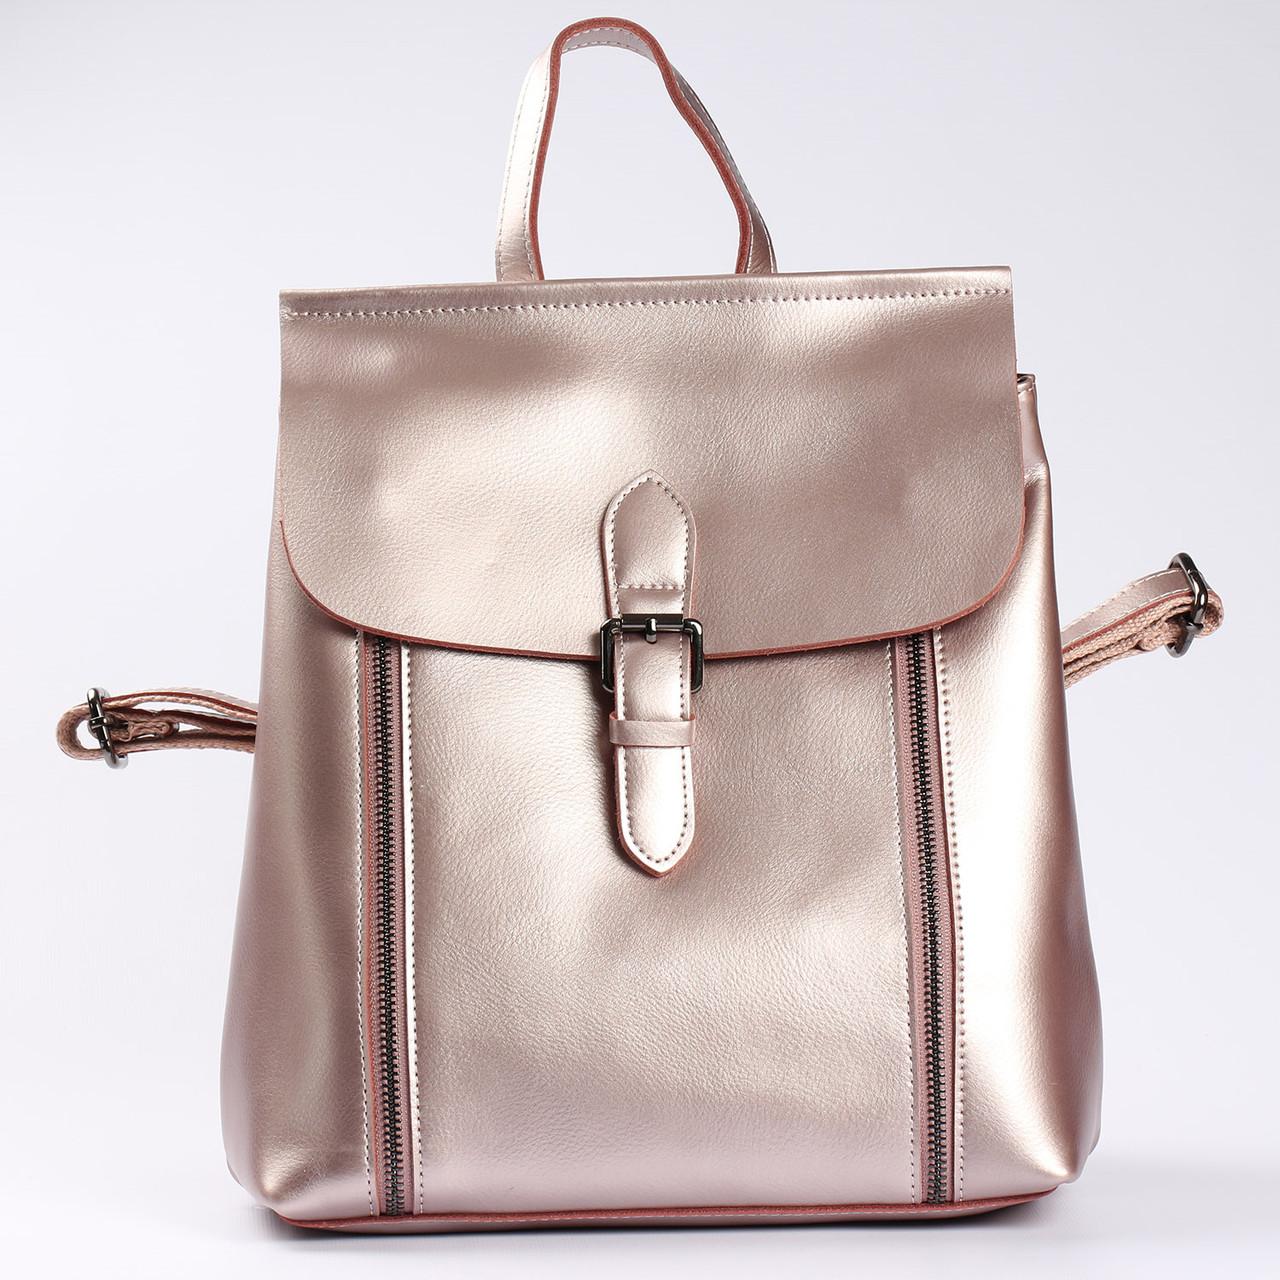 """Женский кожаный рюкзак-сумка (трансформер) розового перламутрового цвета """"Милла Bright Pink"""""""